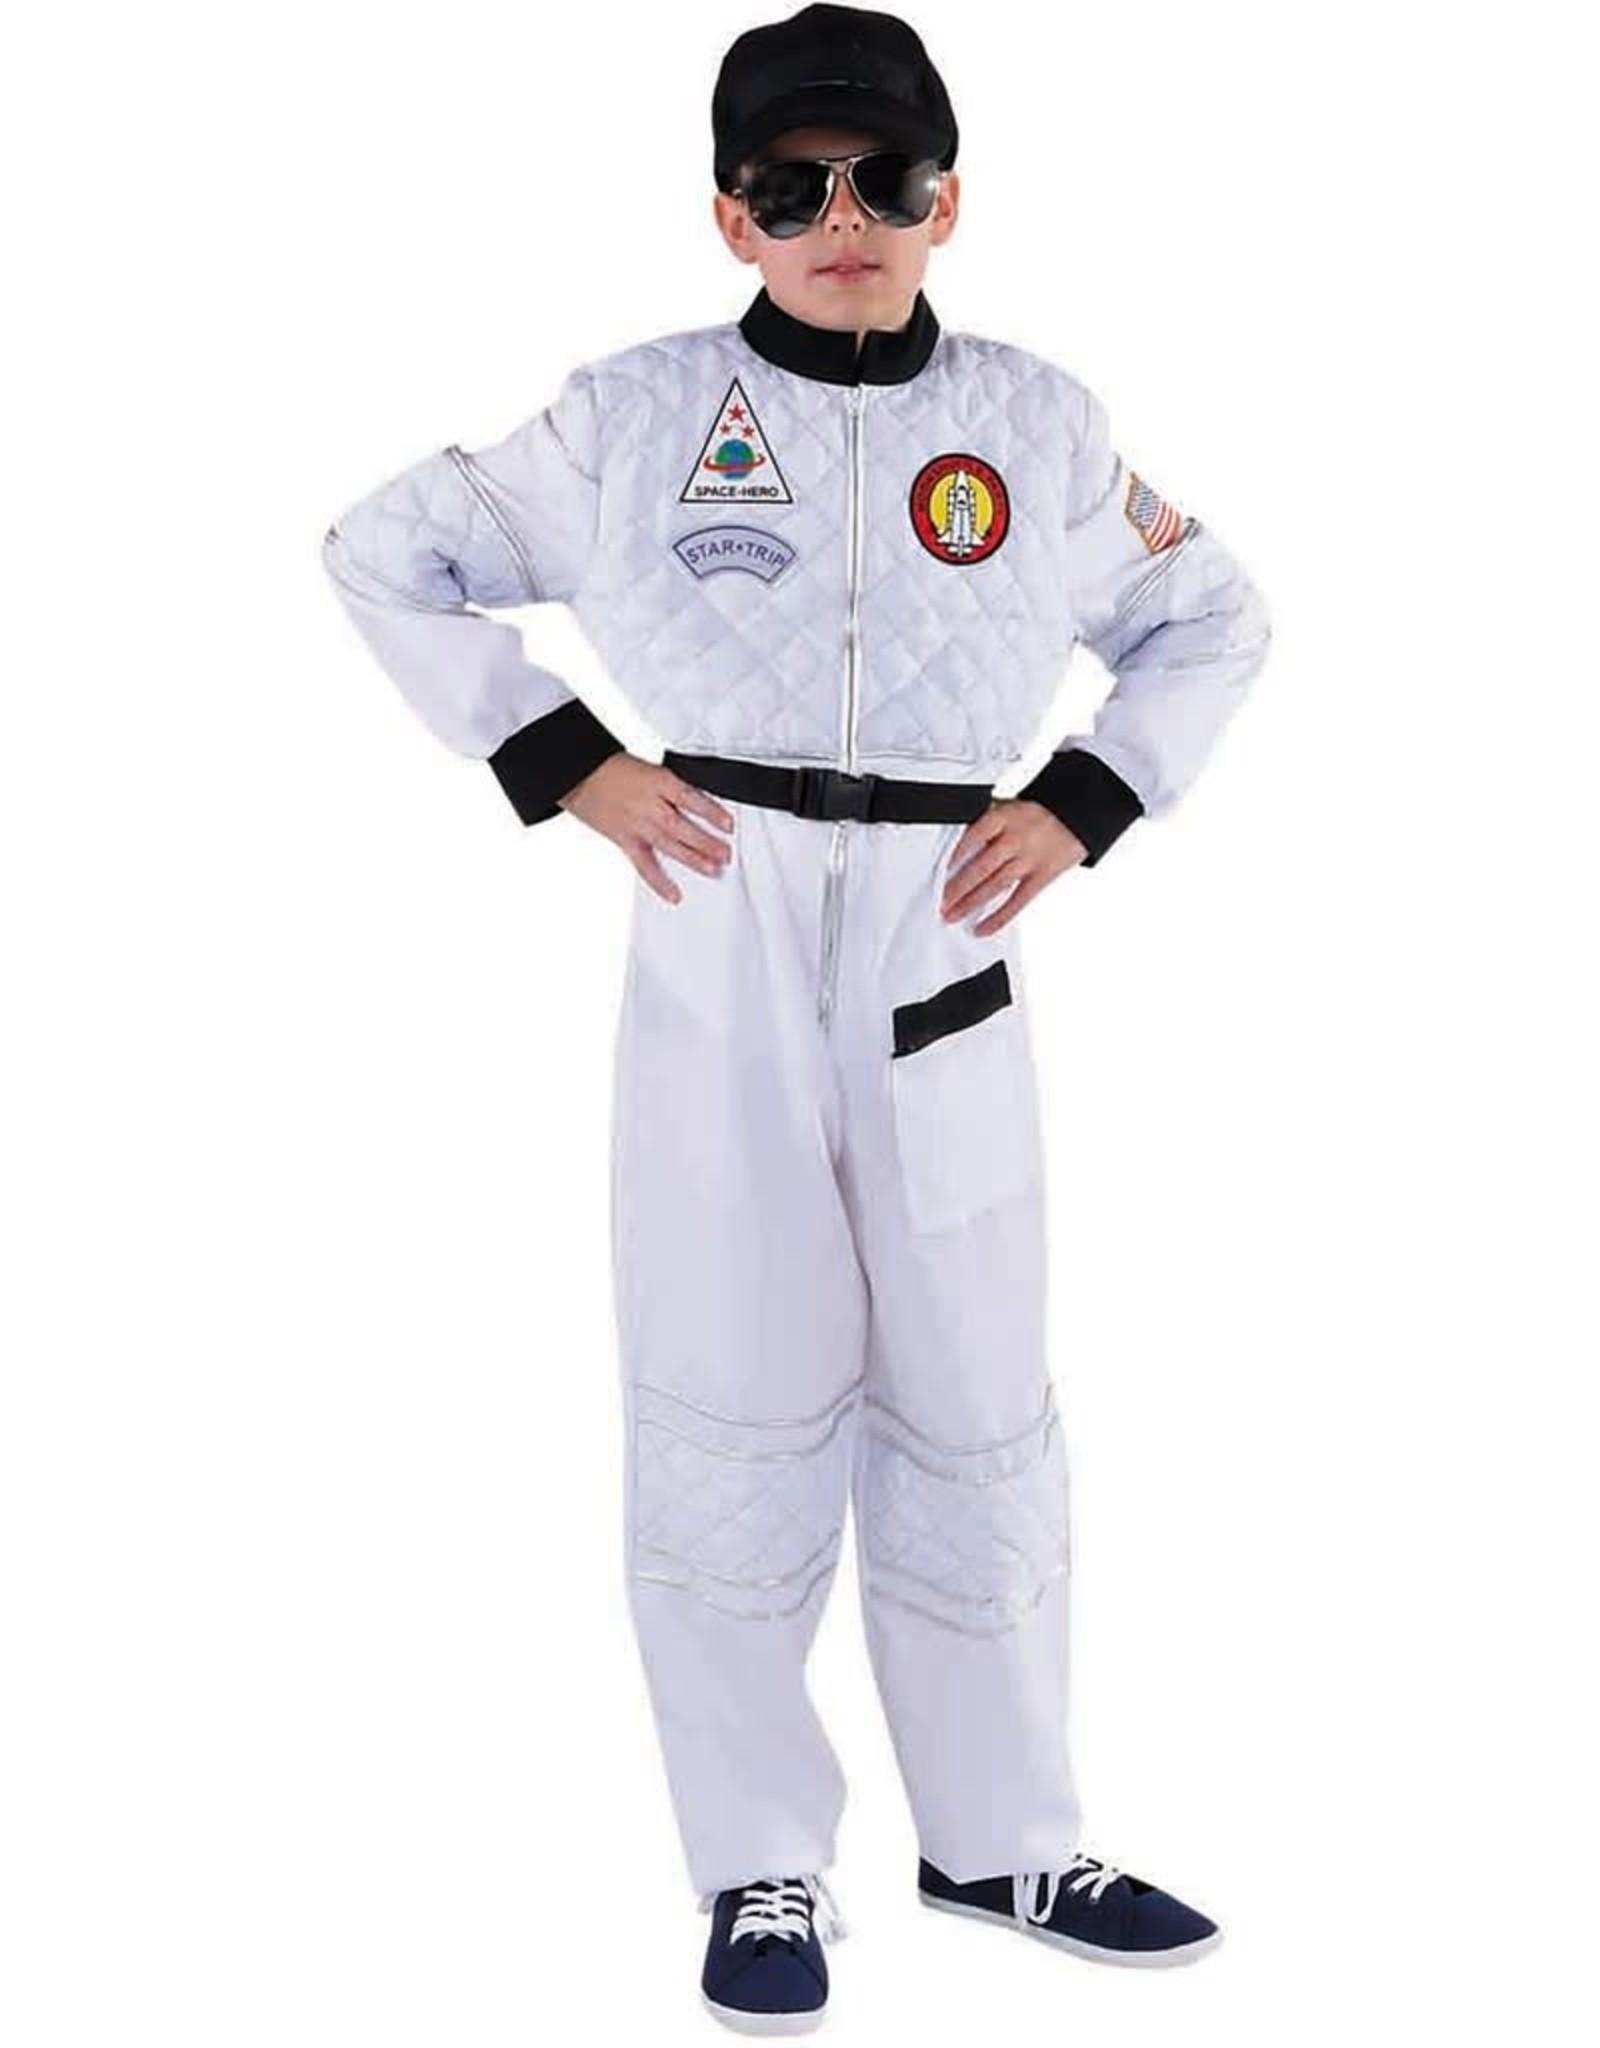 MAGIC Astronaut kind huurprijs 20 140